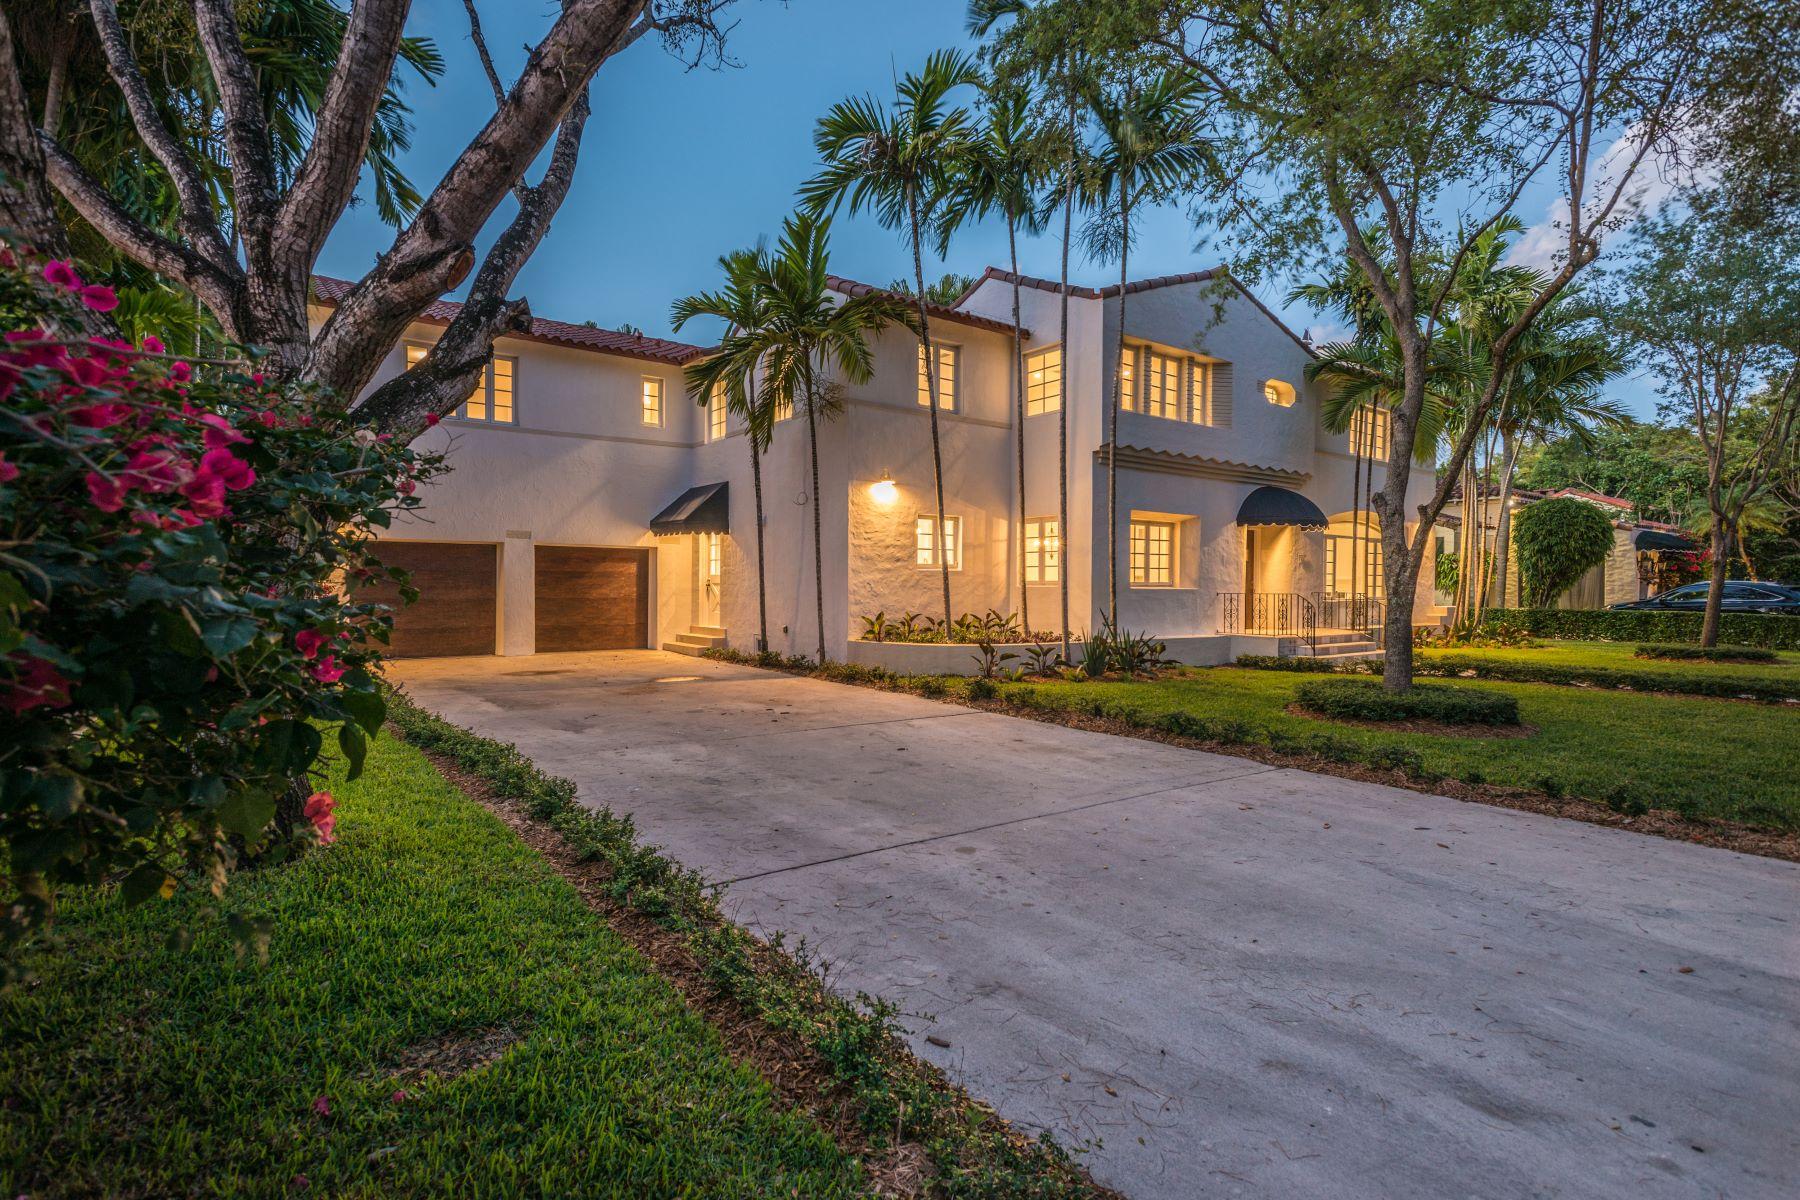 Maison unifamiliale pour l Vente à 1117 Alhambra Cir Coral Gables, Florida, 33134 États-Unis